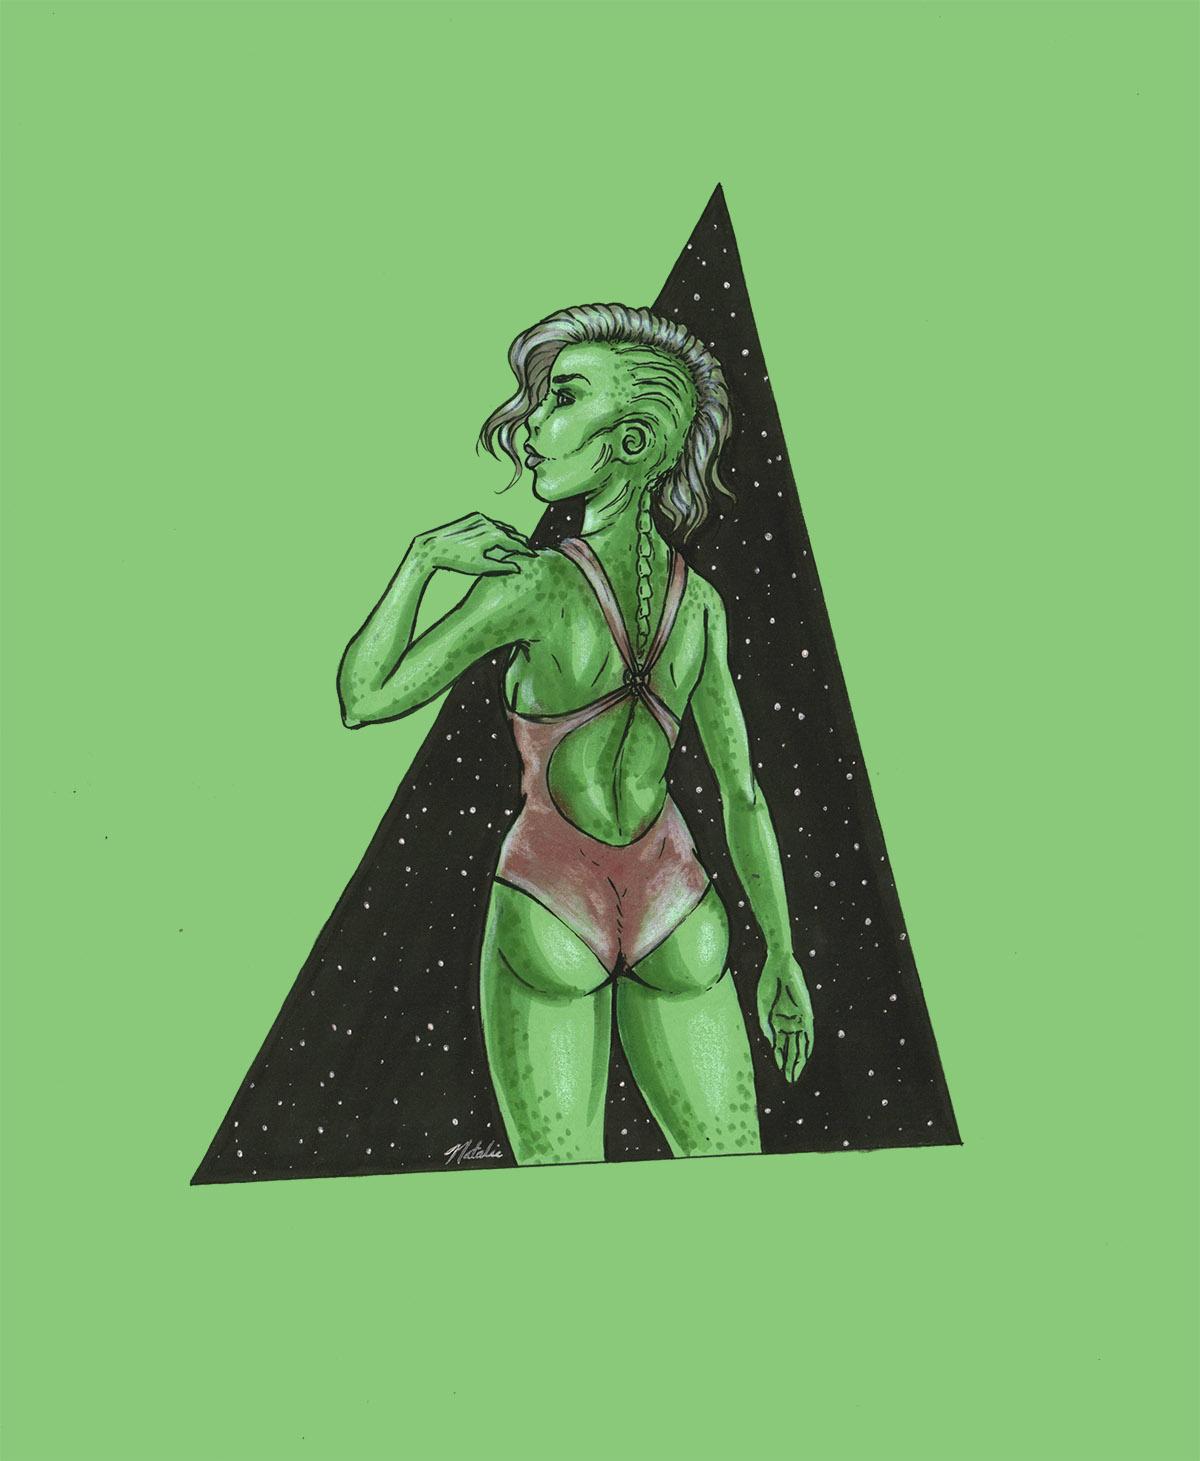 green3SM.jpg